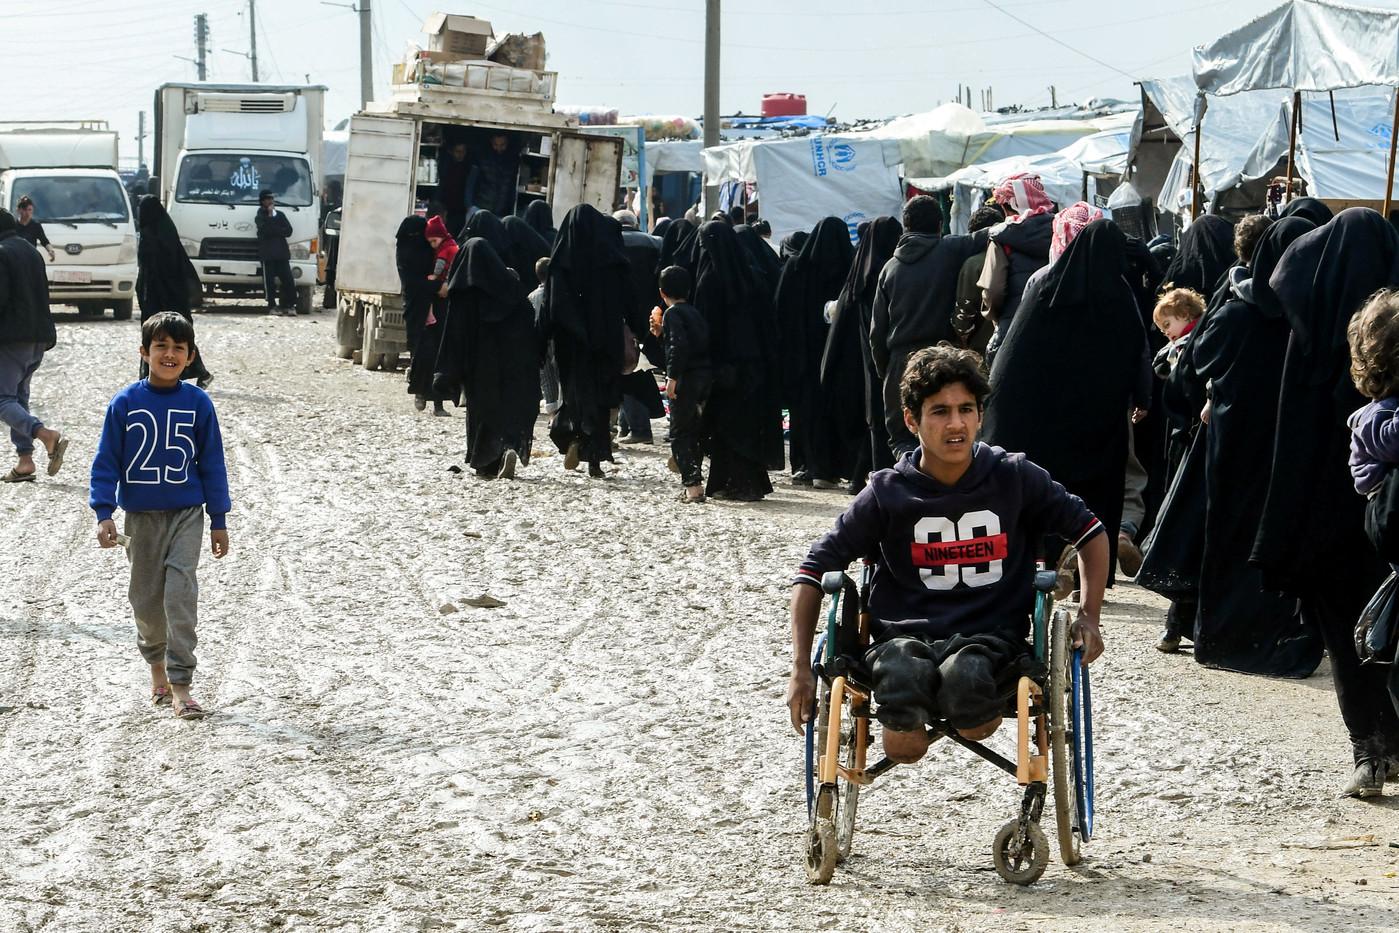 Le camp d'Al-Hol, une poudrière  jihadiste à l'Est de la Syrie